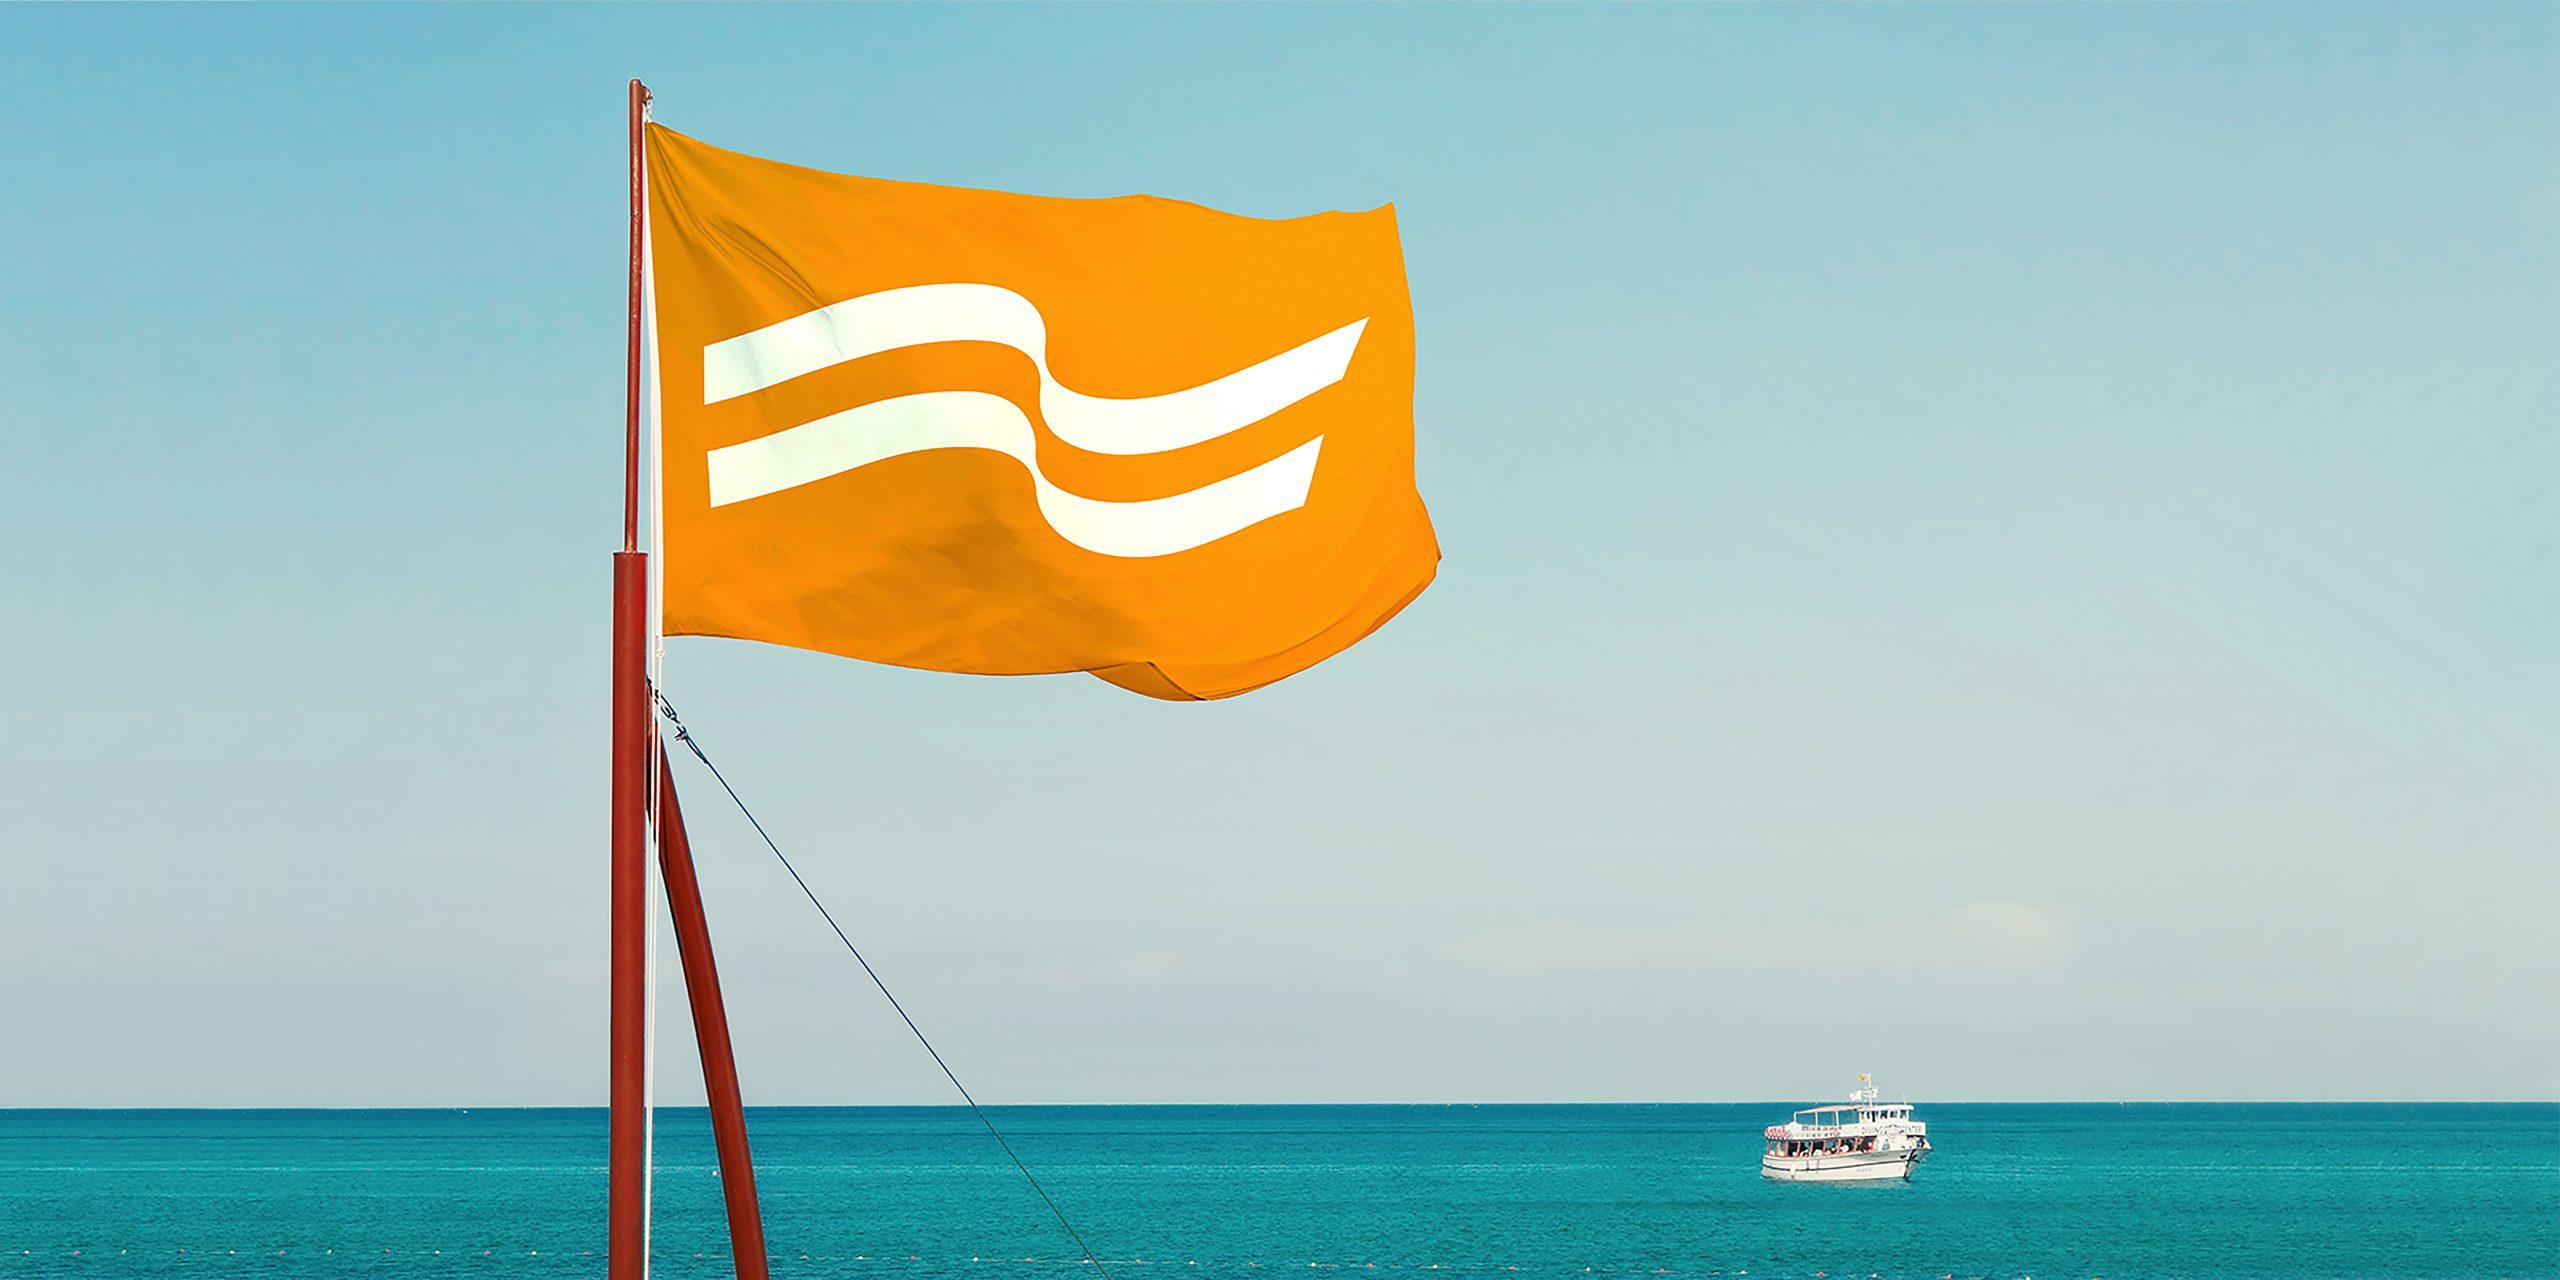 De to bølger er det nye logo for Nordic Leisure Travel Group med blandt andet Spies. Illustration: NLTG.